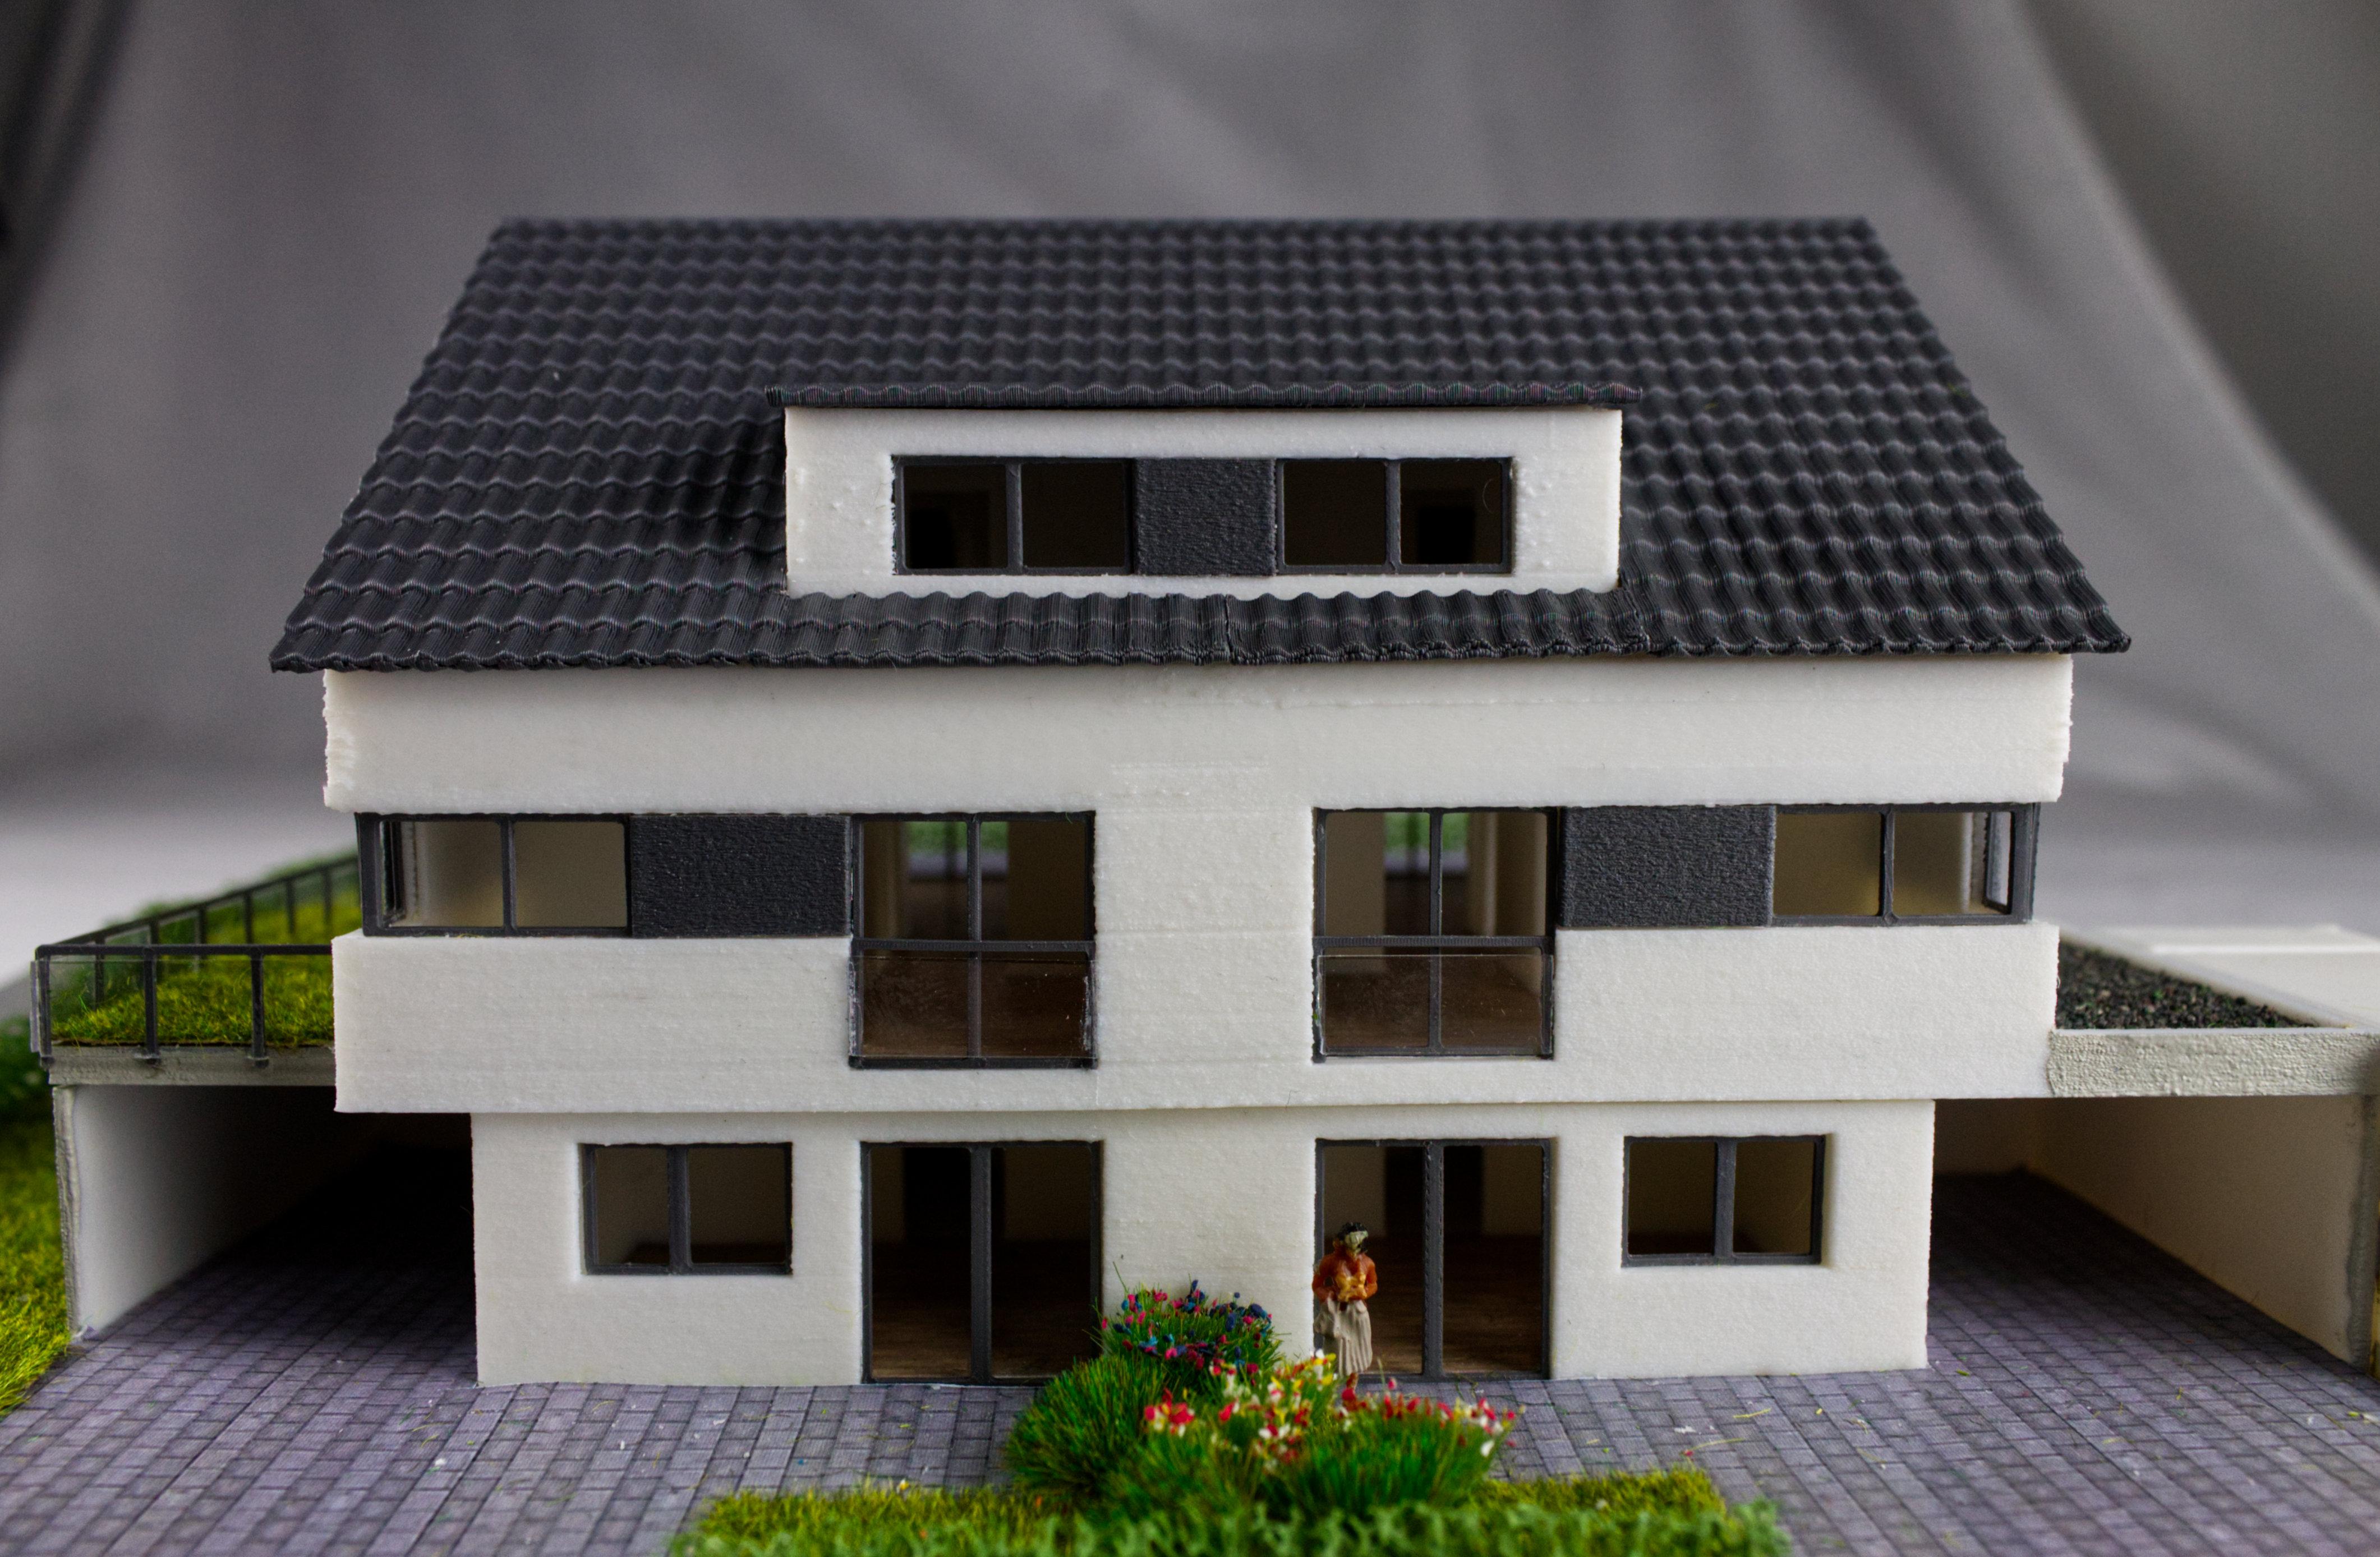 Graf Wohnbau 8